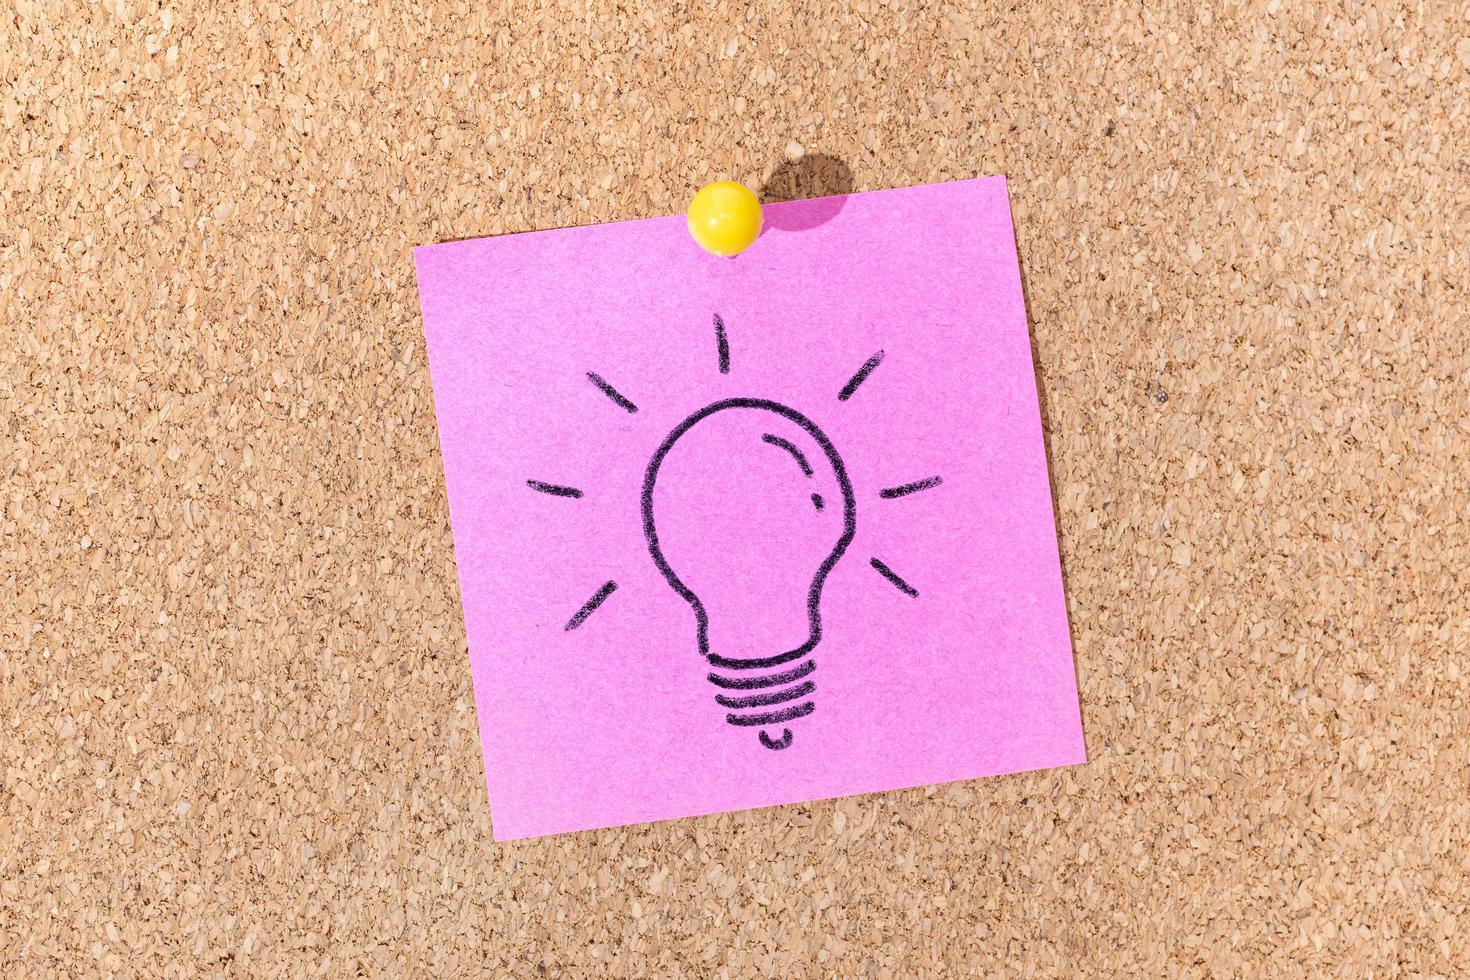 ljus idé eller kreativt processkoncept. glödlampa ritning på klisterlapp på korkbräda foto